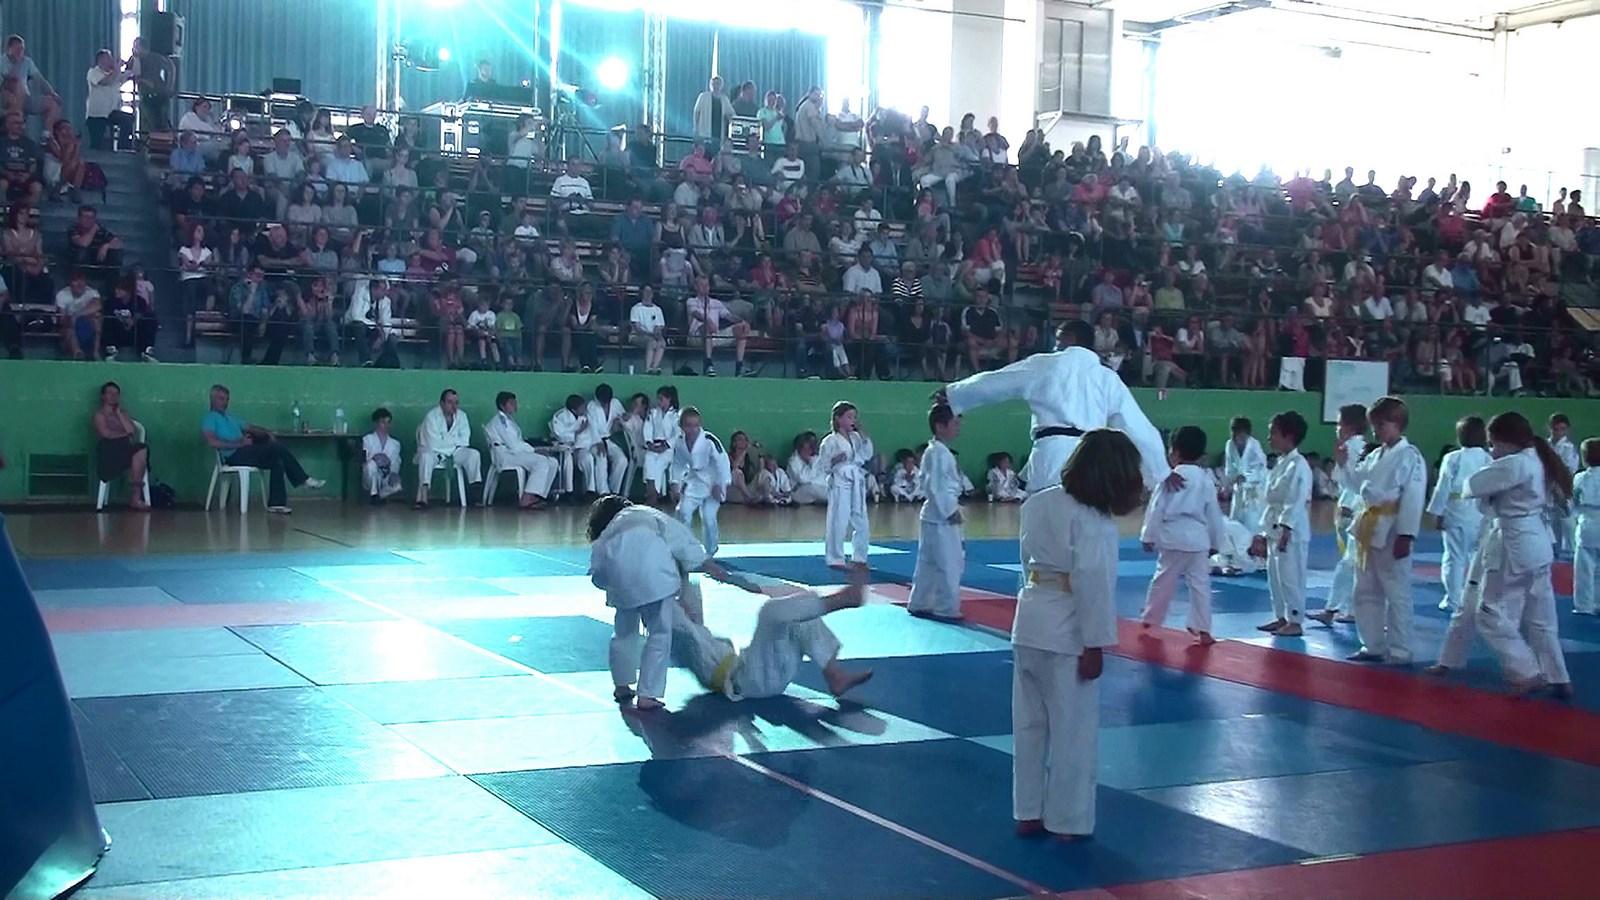 groupe judo-2 [Résolution de l'écran].jpg